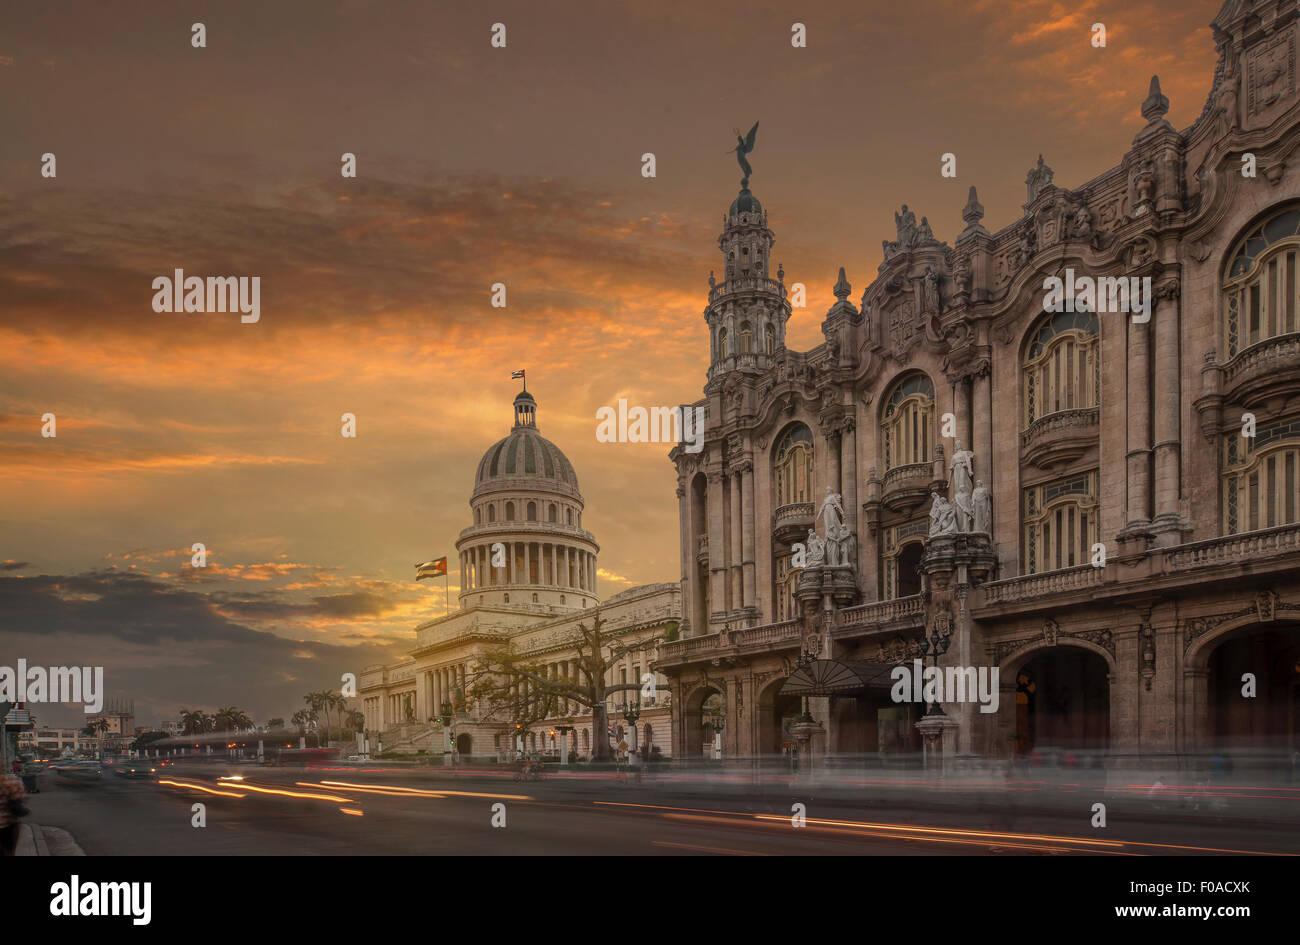 El edificio del Capitolio y el Teatro Nacional al atardecer, La Habana, Cuba Imagen De Stock